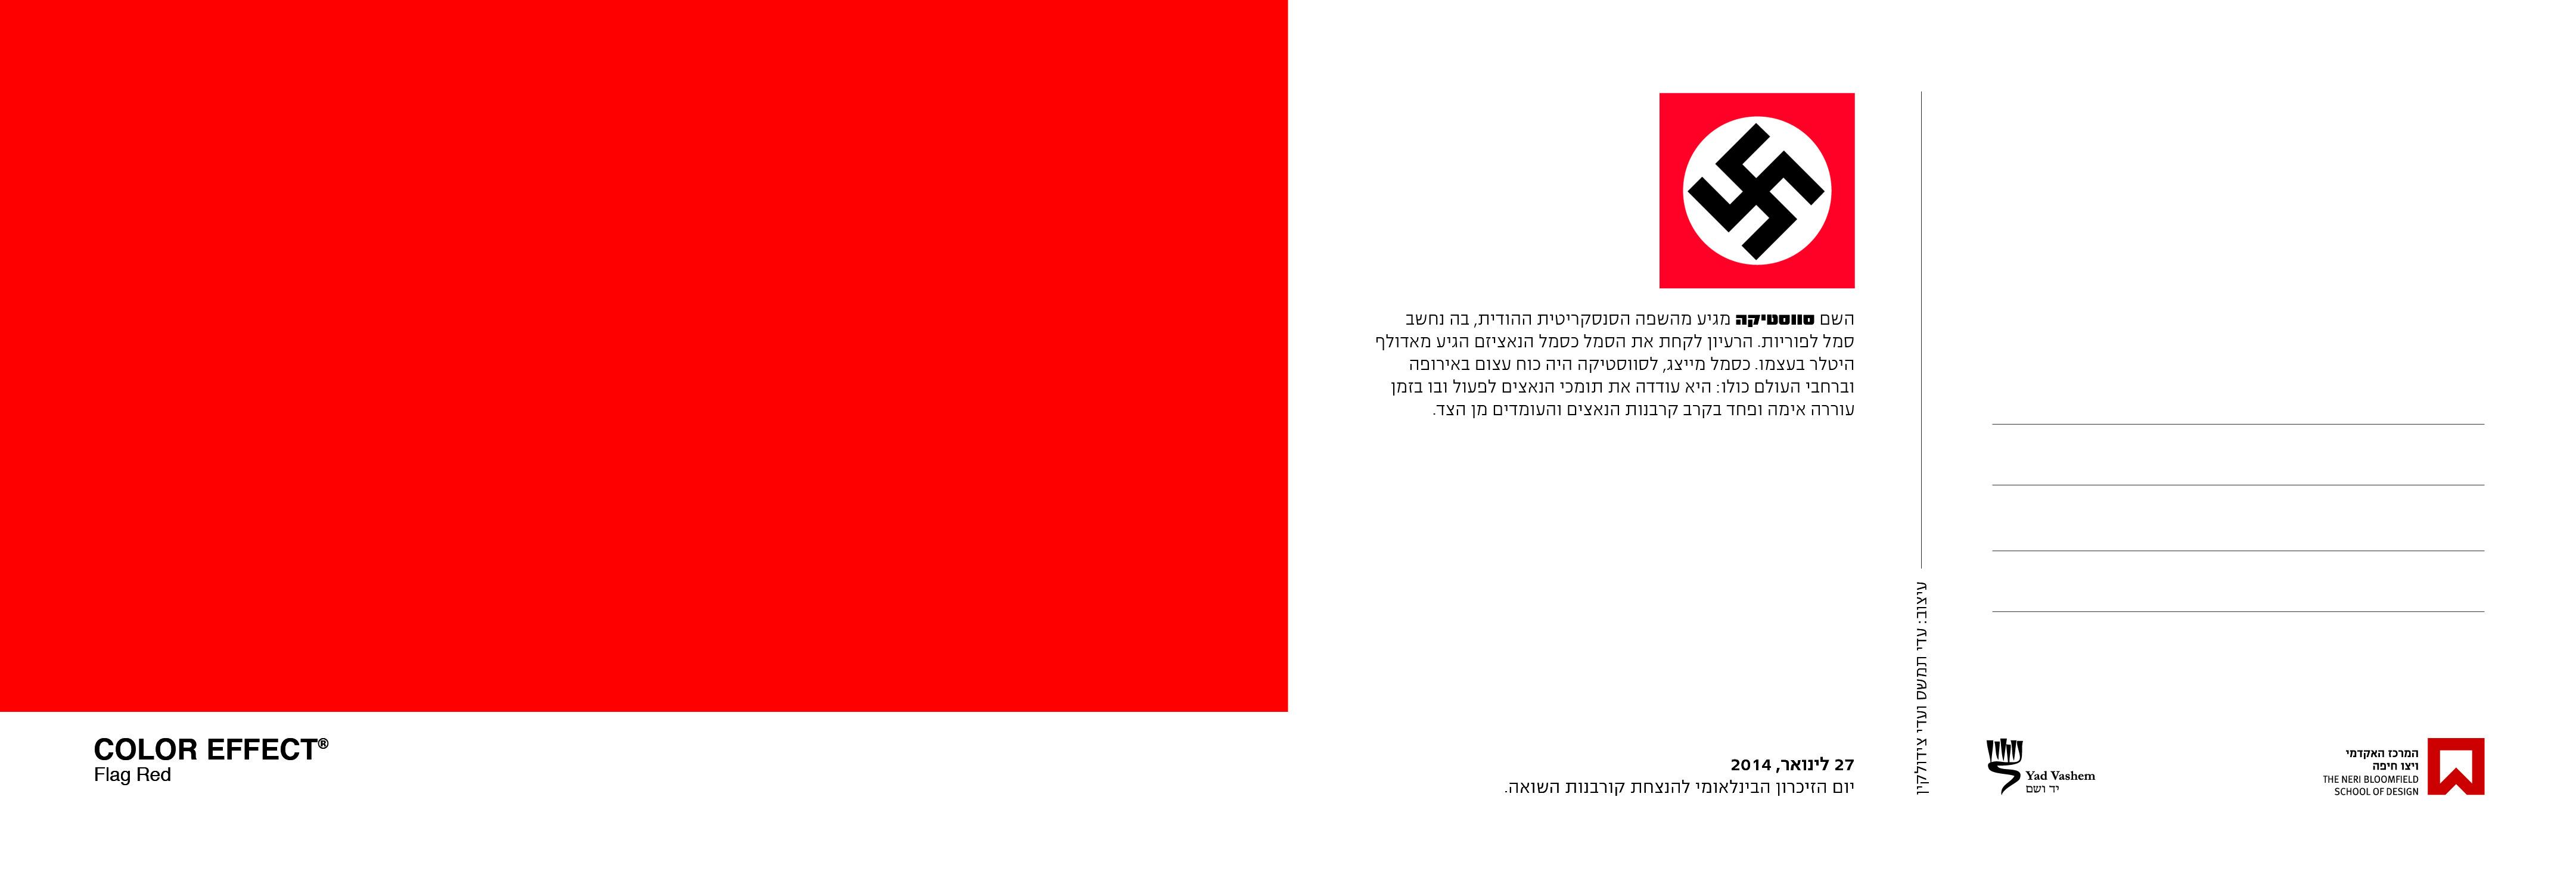 סטודנטים מויצו חיפה מעצבים גלויות לציון יום הזכרון הבינלאומי להנצחת קורבנות השואה